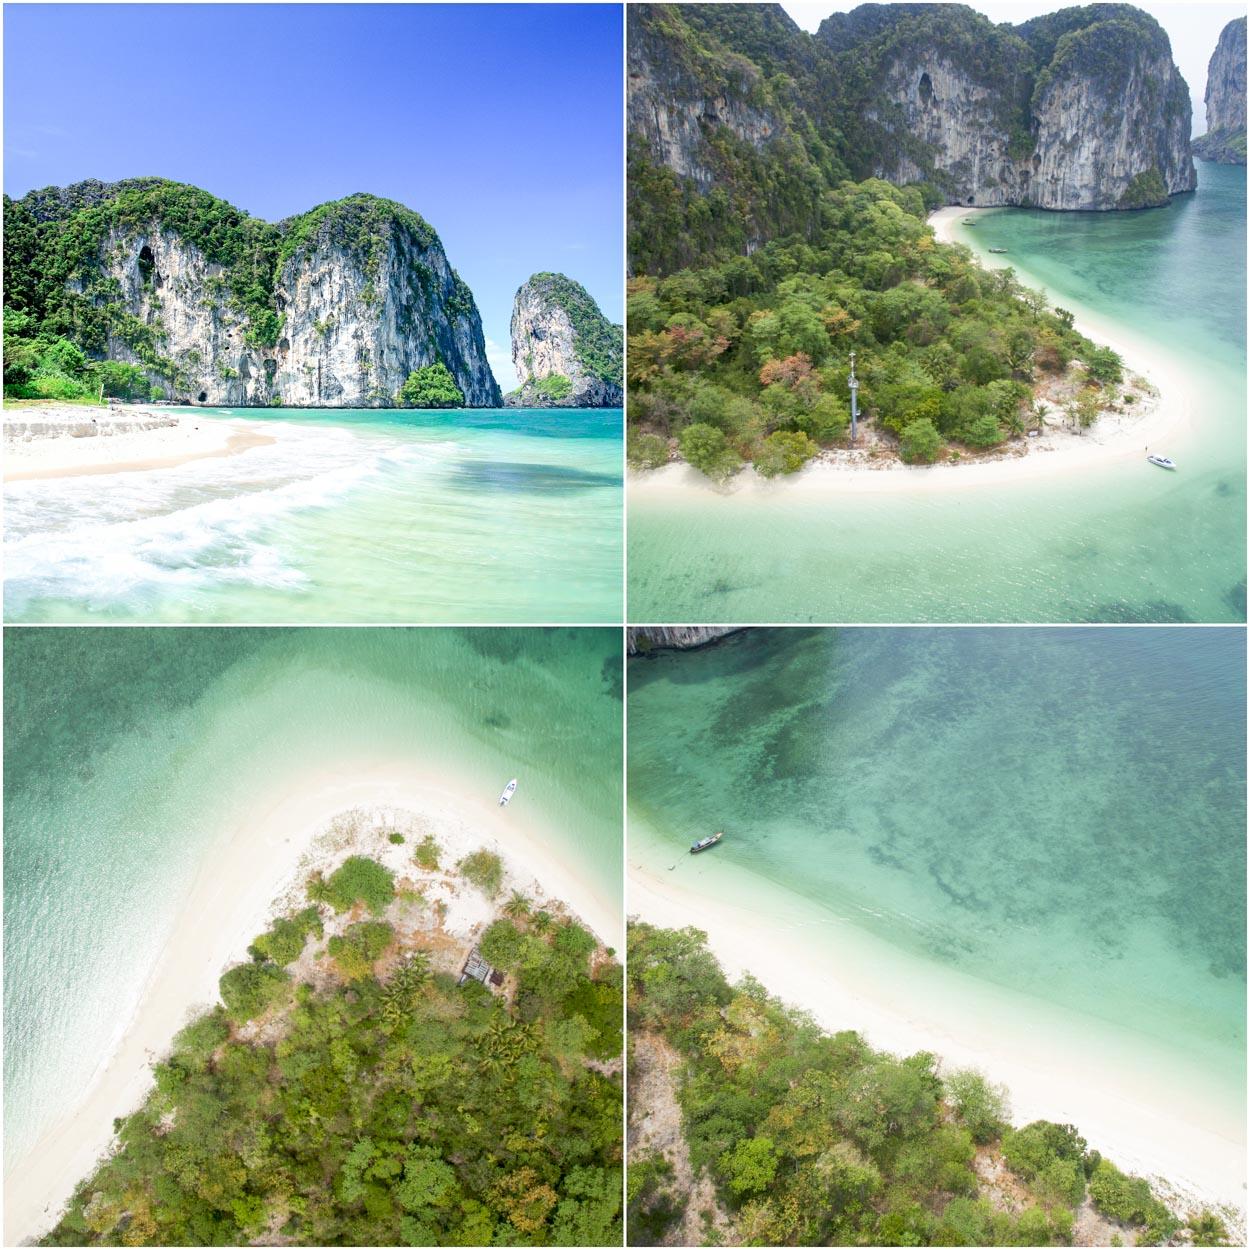 เกาะเหลาเหลียง จุดเช็นอินสวยๆ มนต์เสน่ห์แห่งท้องทะเลตรังหาดทรายขาว น้ำทะเลใสเห็นแนวปะการังอ่อนเจ็ดสี